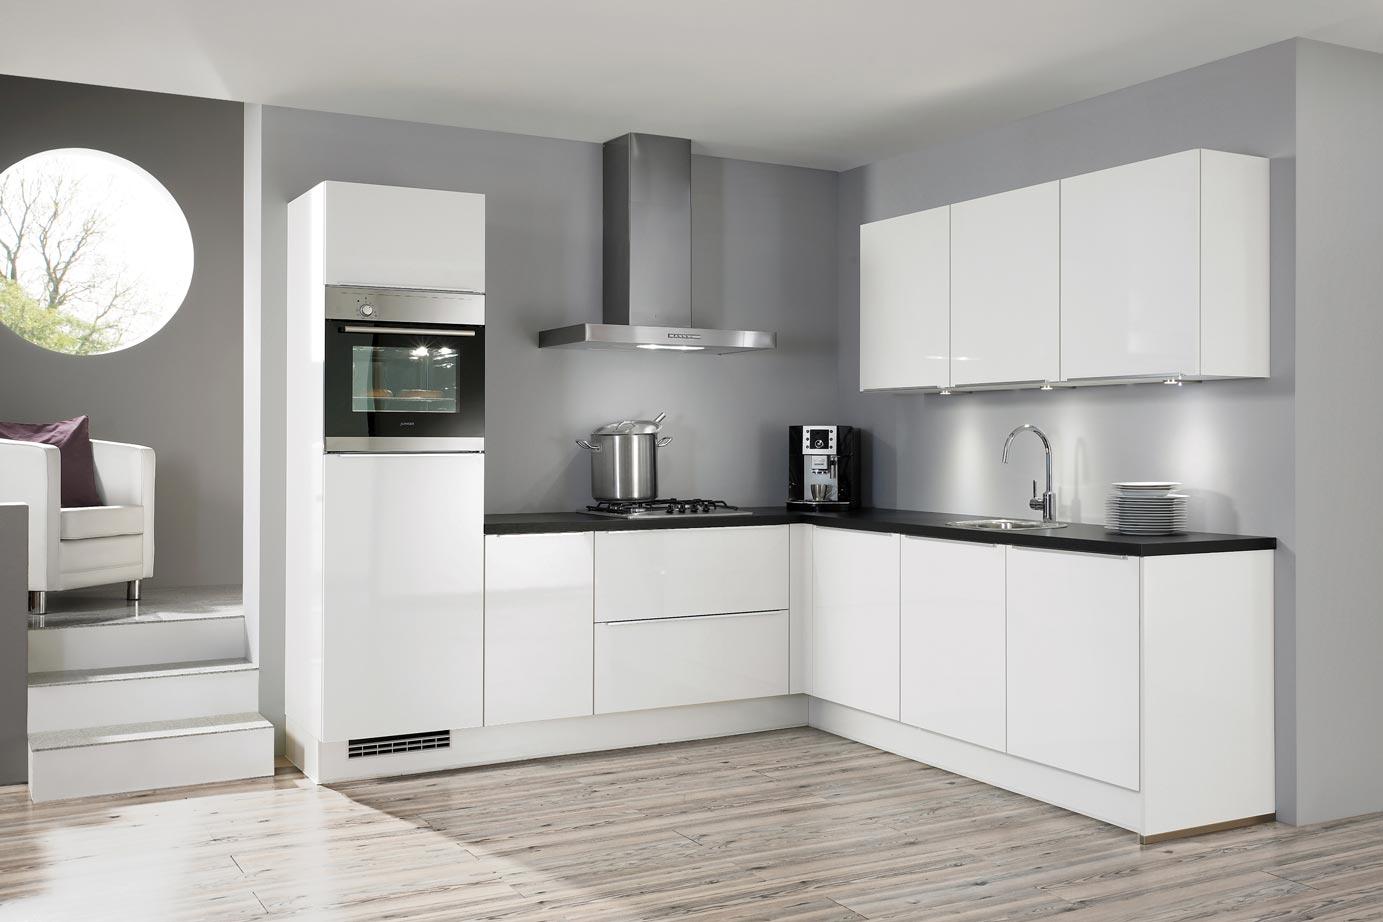 Grijze Keuken Met Wit Blad : Hoogglans keuken. chique in modern interieur! db keukens